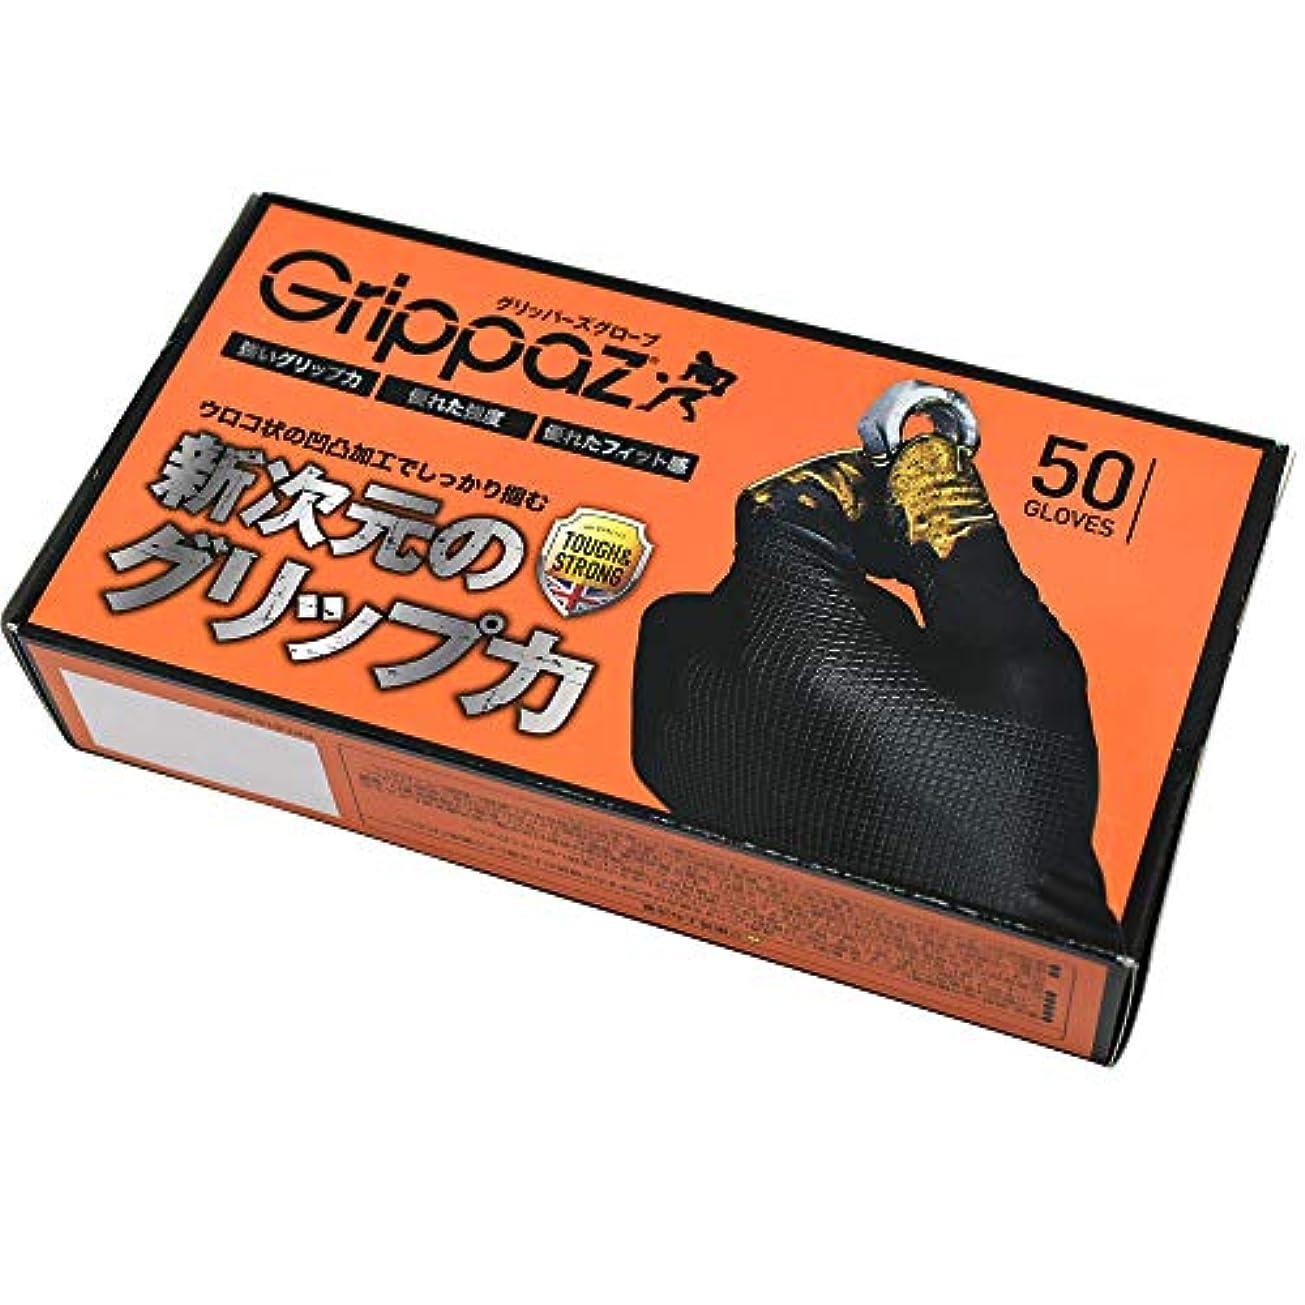 臭い誠実さジョージハンブリー原田産業 ニトリル手袋 グリッパーズグローブ 50枚入 Mサイズ パウダーフリー 左右兼用 自動車整備 メンテナンス